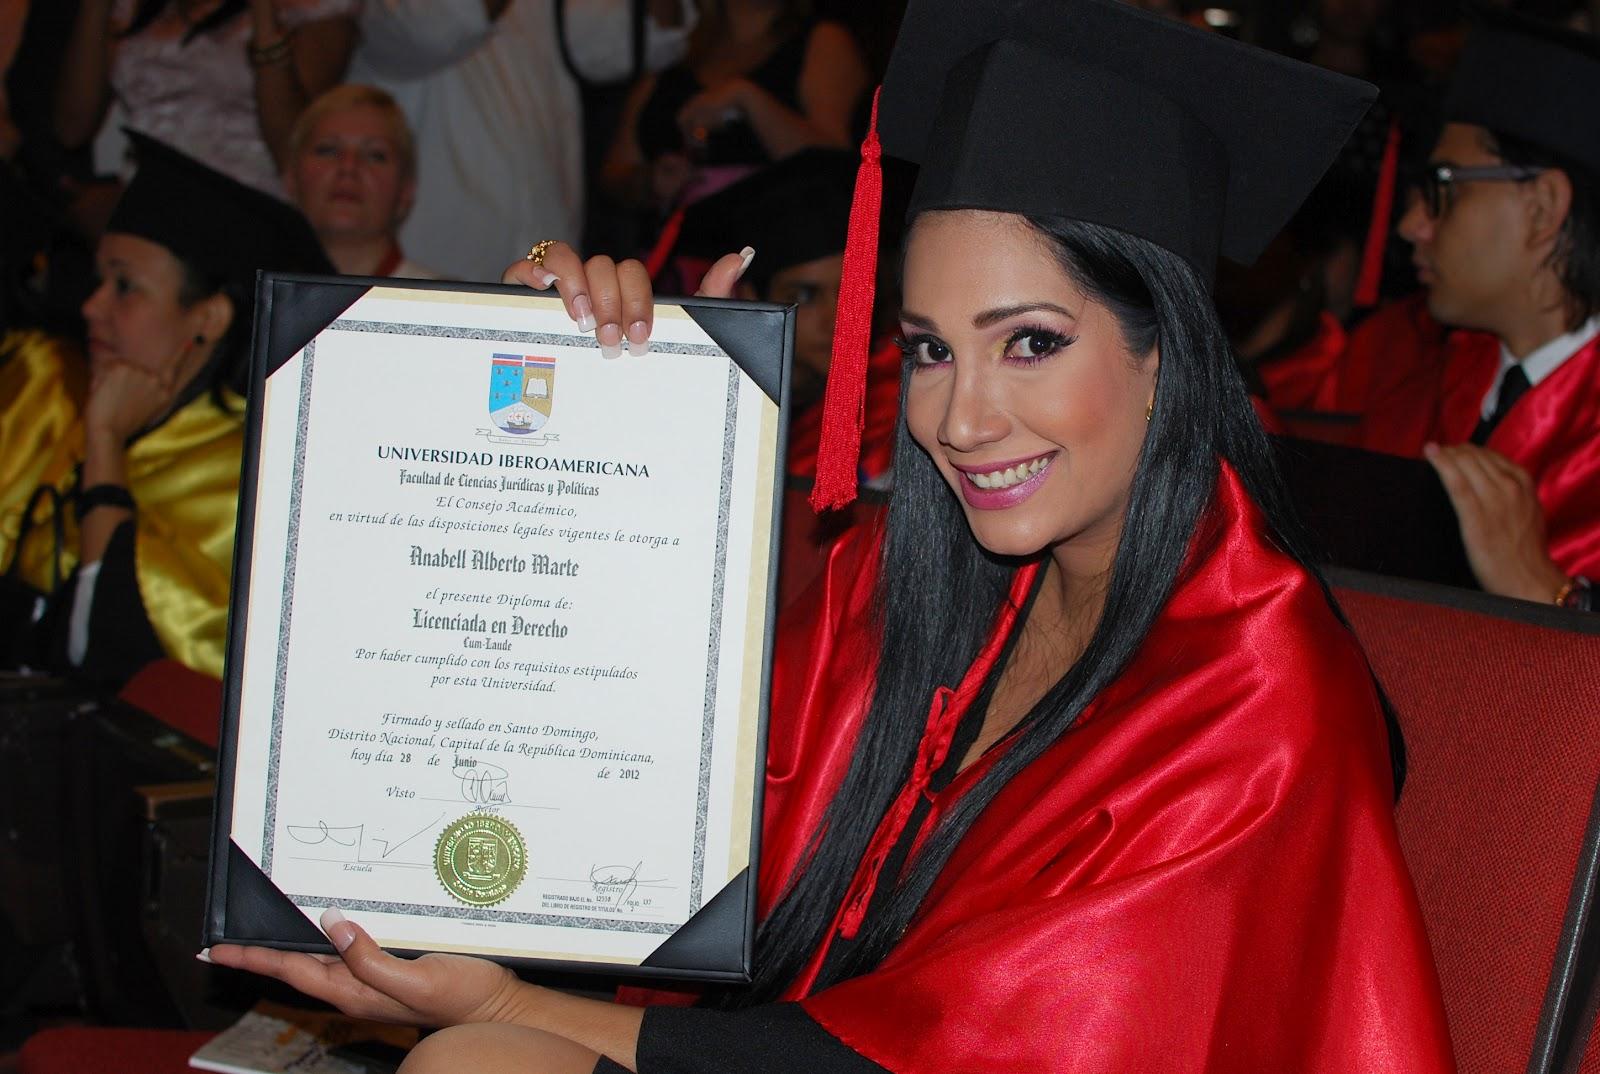 ¿Para qué sirve graduarse con honores?